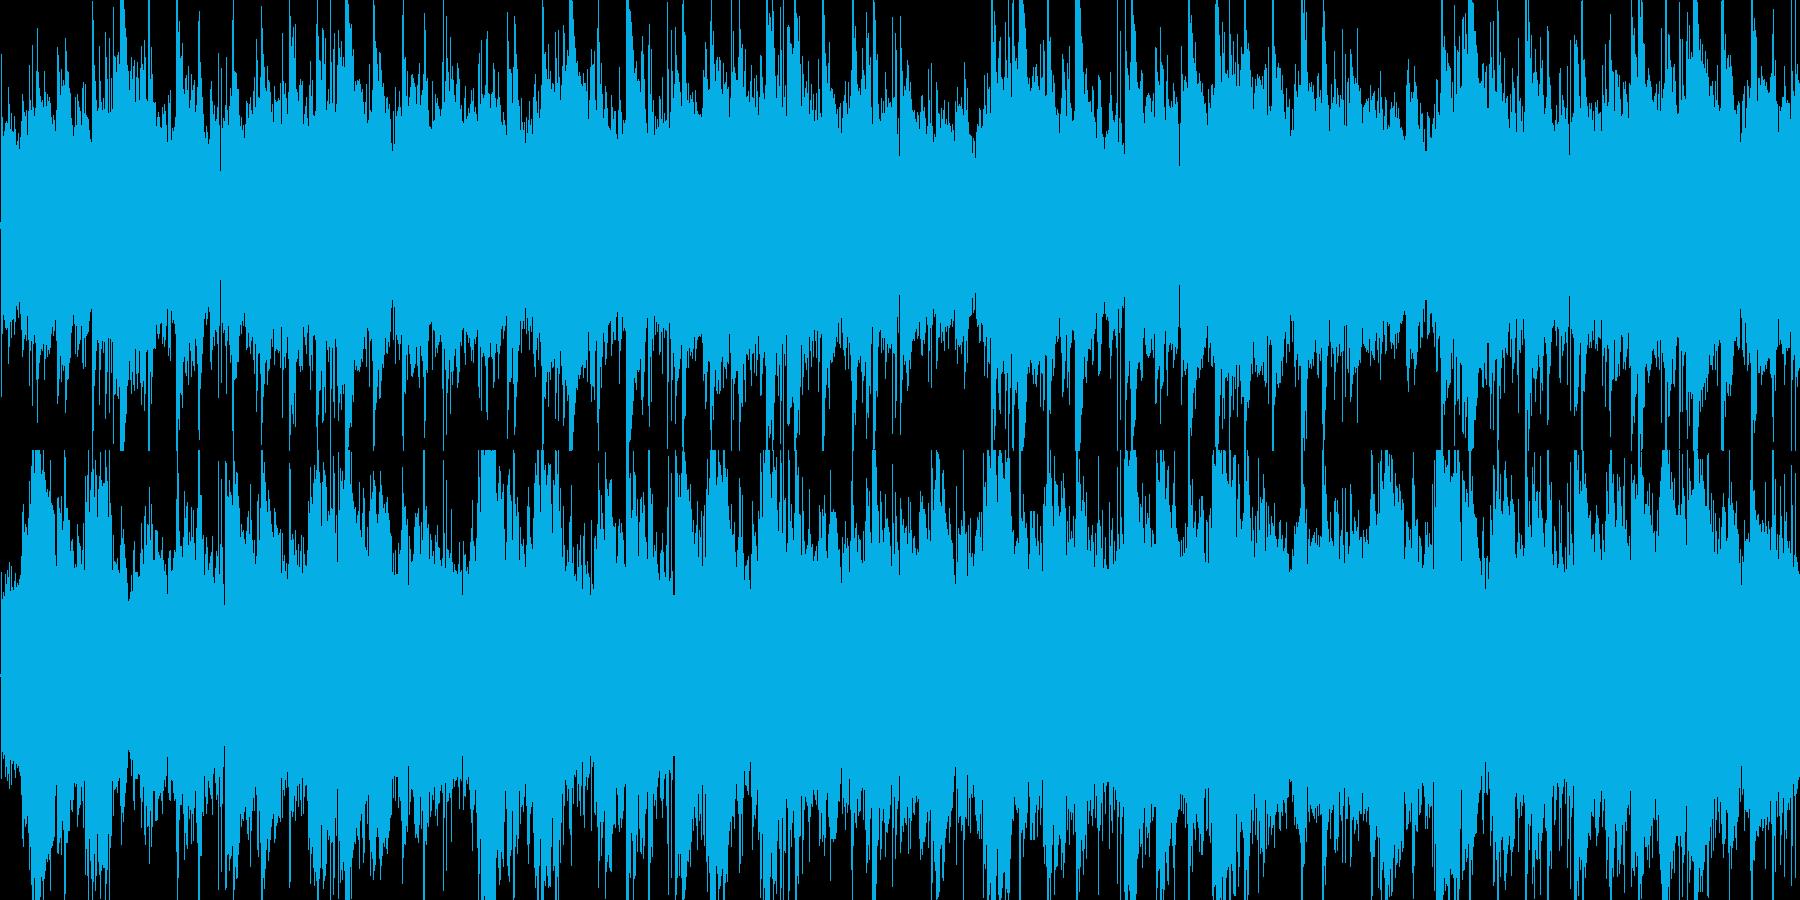 スローで癒しのアコギサウンドの再生済みの波形